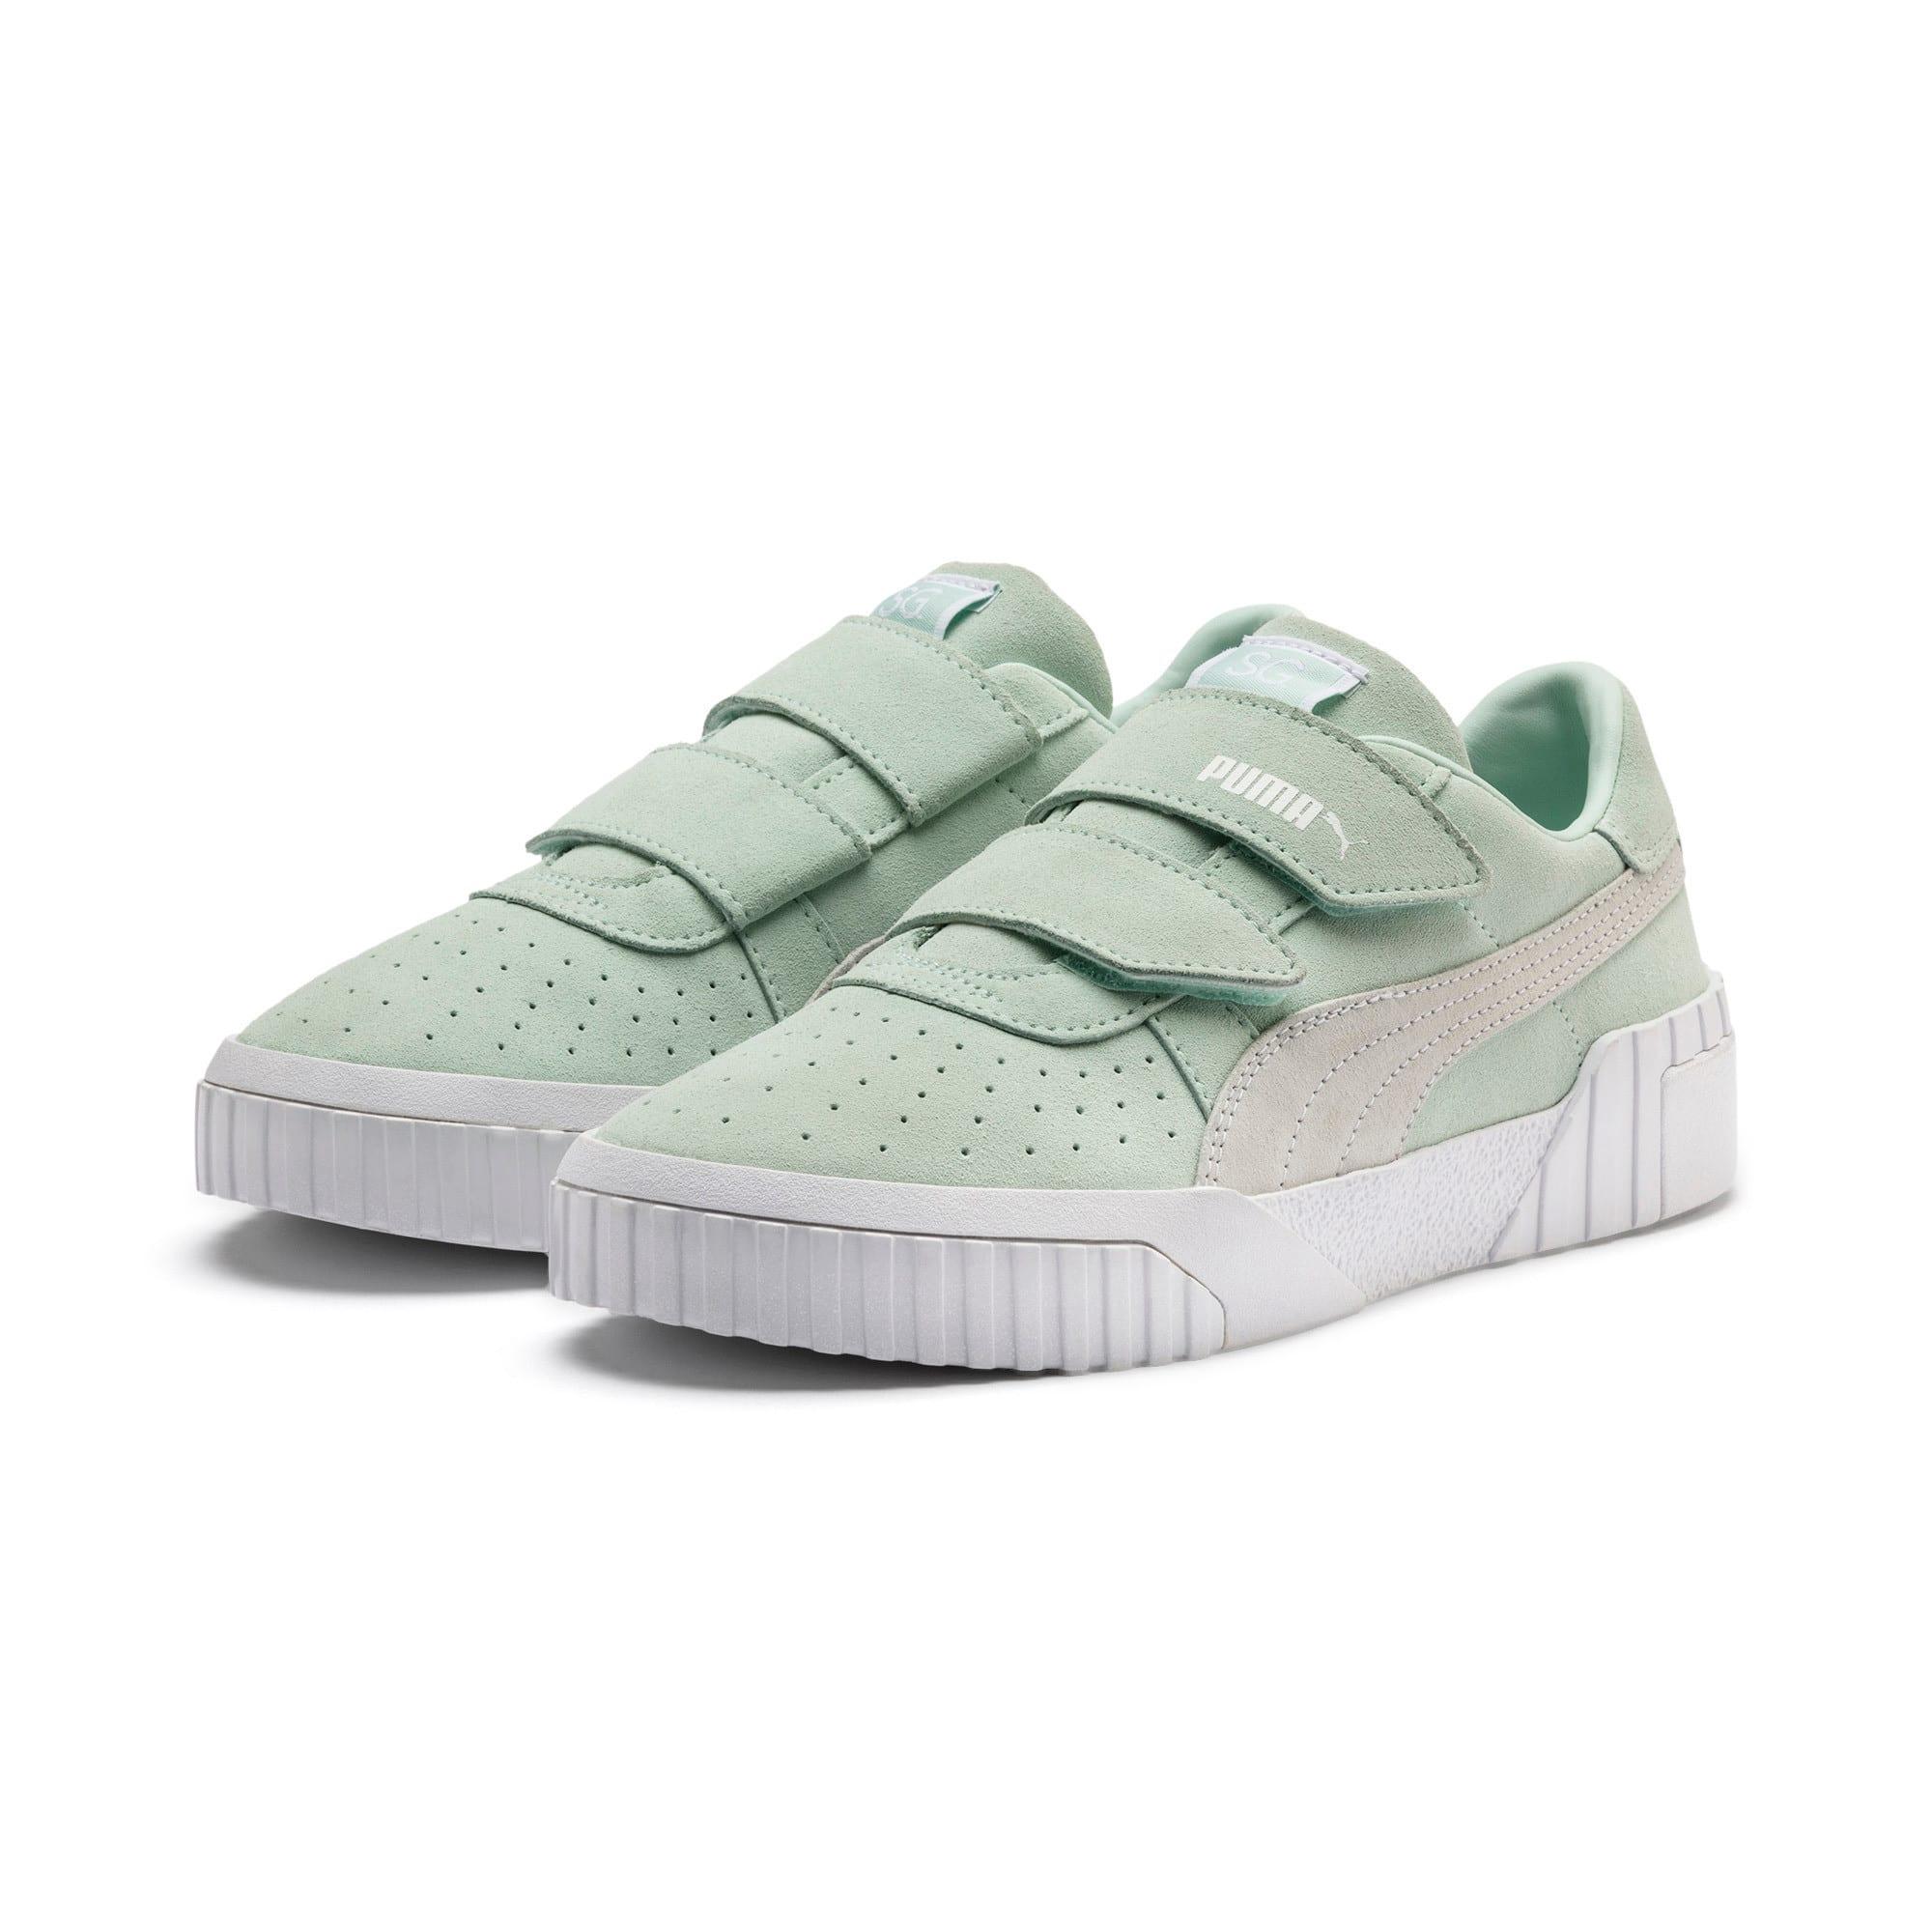 Imagen en miniatura 3 de Zapatillas de mujer Cali PUMA x SELENA GOMEZ, Fair Aqua-Puma White, mediana